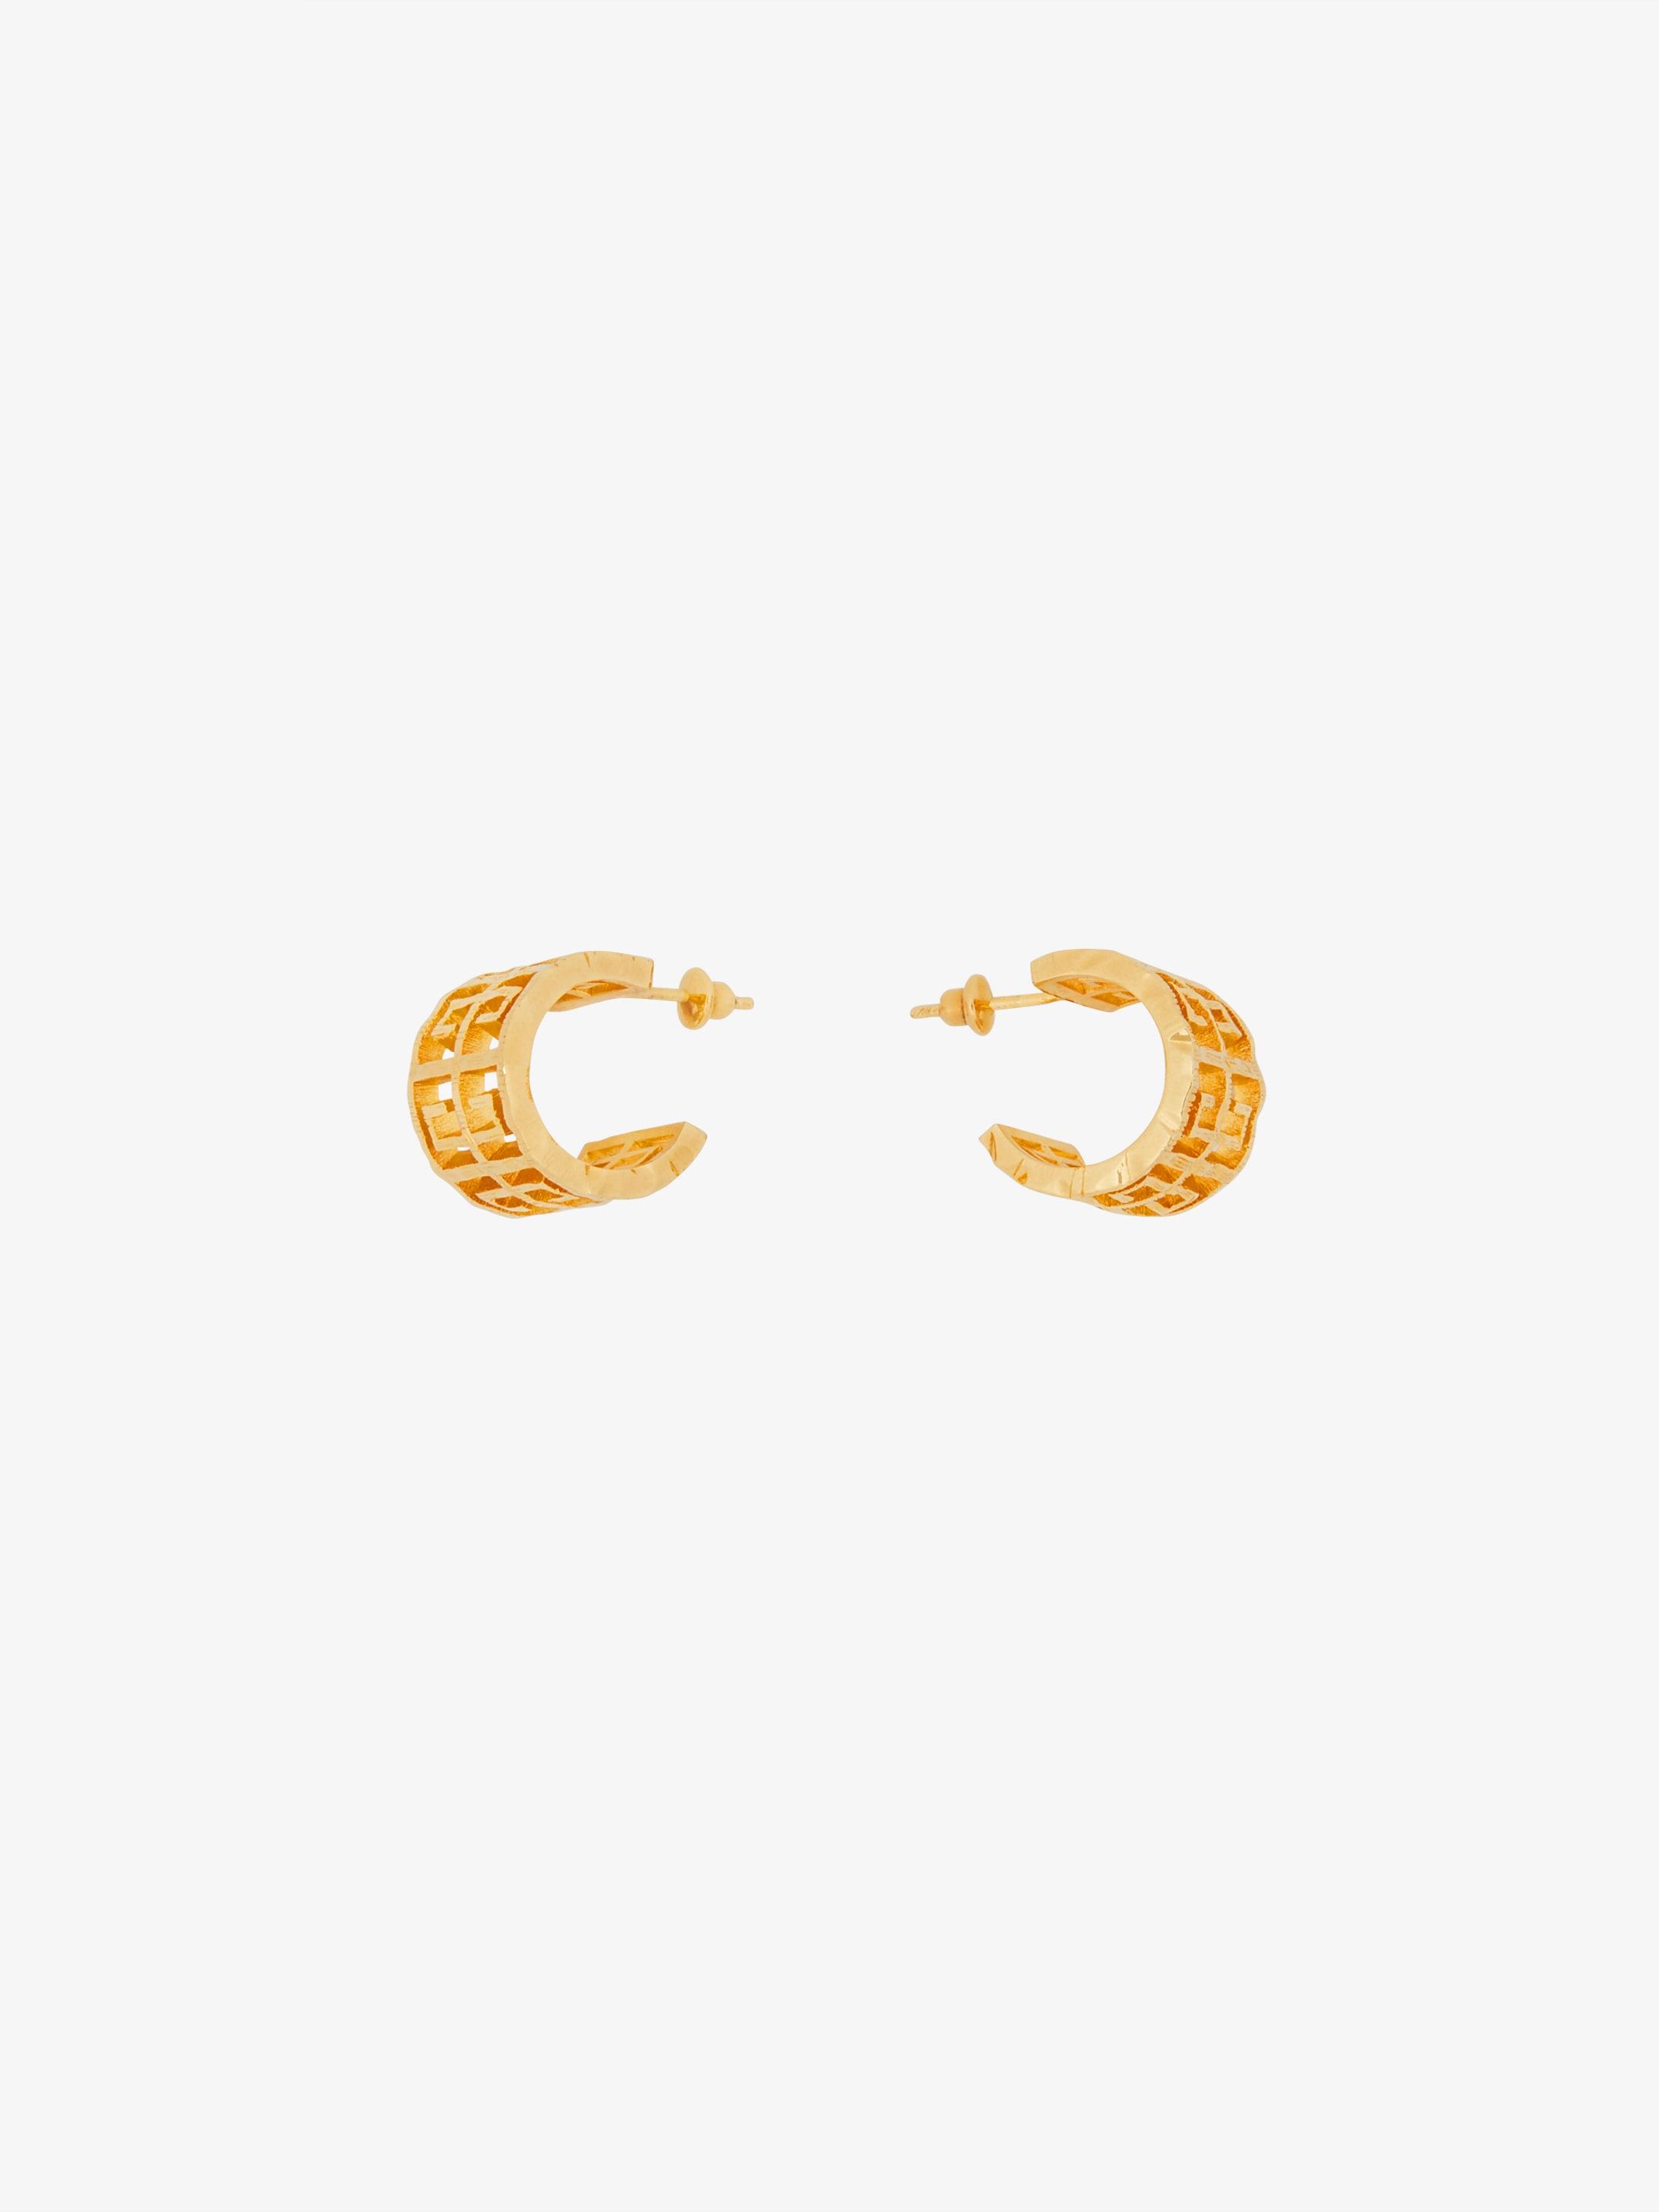 4G earrings